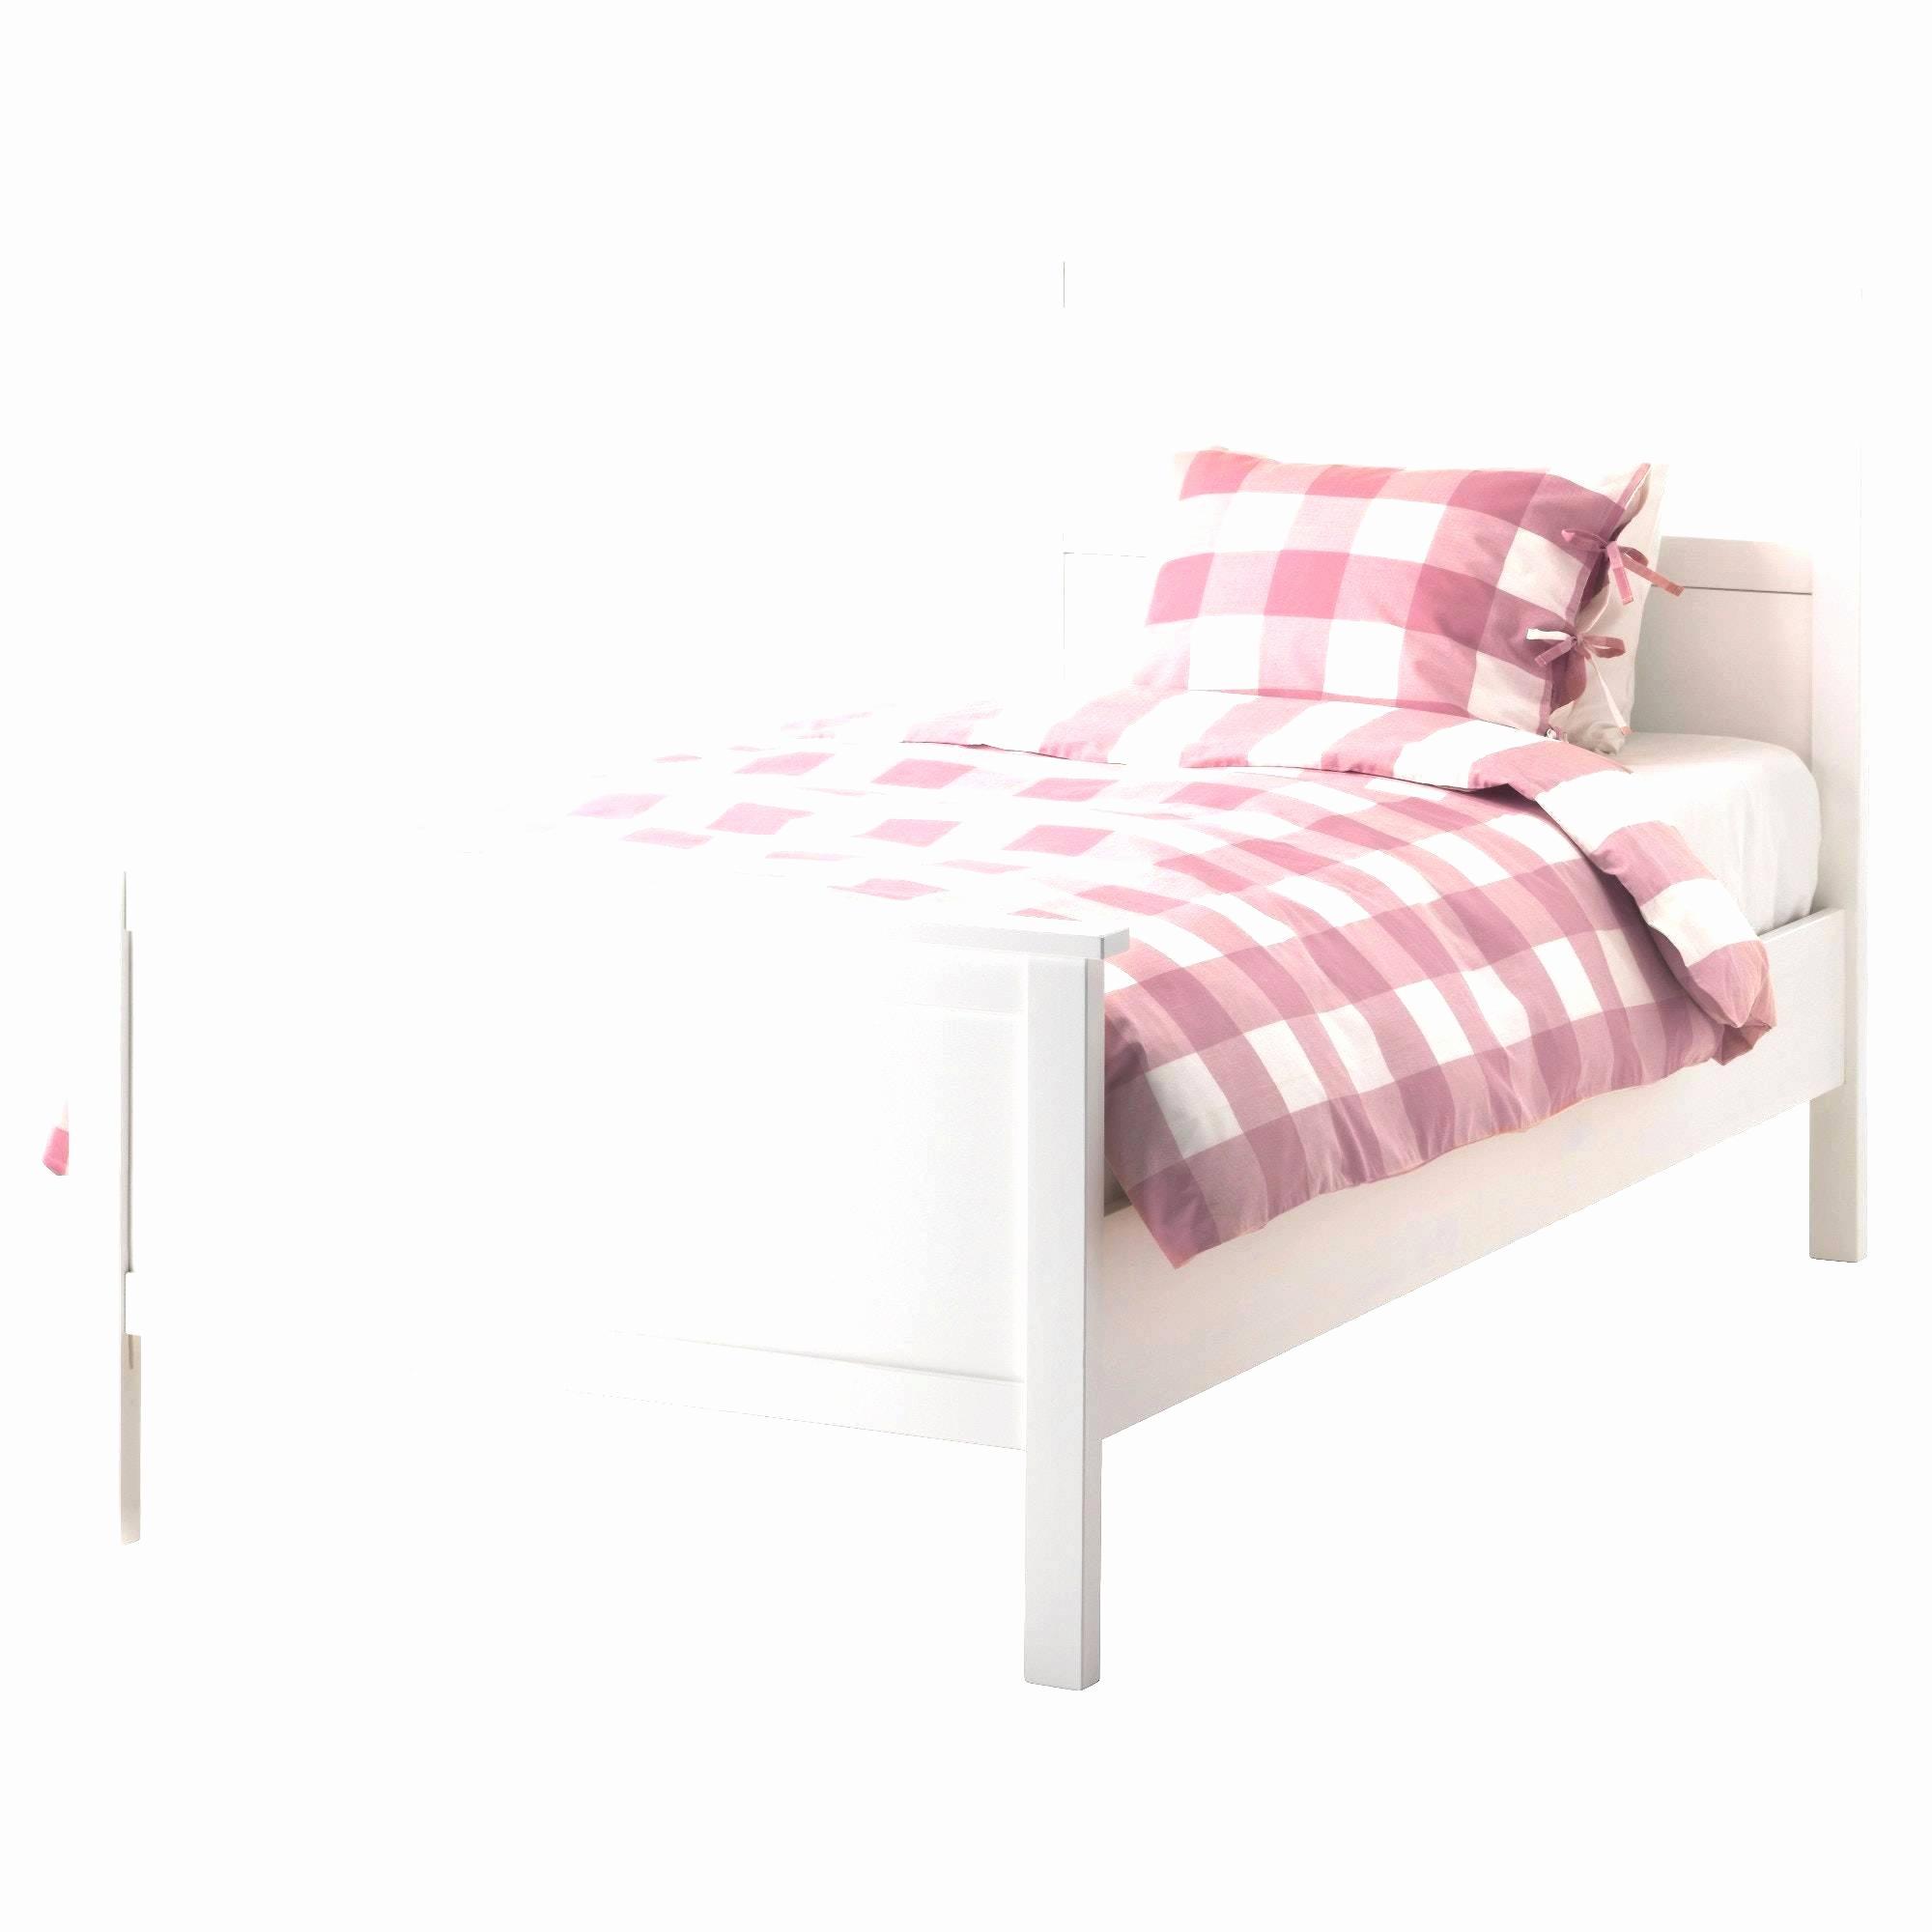 Full Size of 16 Einzigartig Bilder Von Bett 120x200 Ikea Designer Betten Kingsize 140x200 Ohne Kopfteil Weiß 180x200 Gebrauchte Rausfallschutz Tagesdecken Für 200x200 Wohnzimmer Ikea Bett 120x200